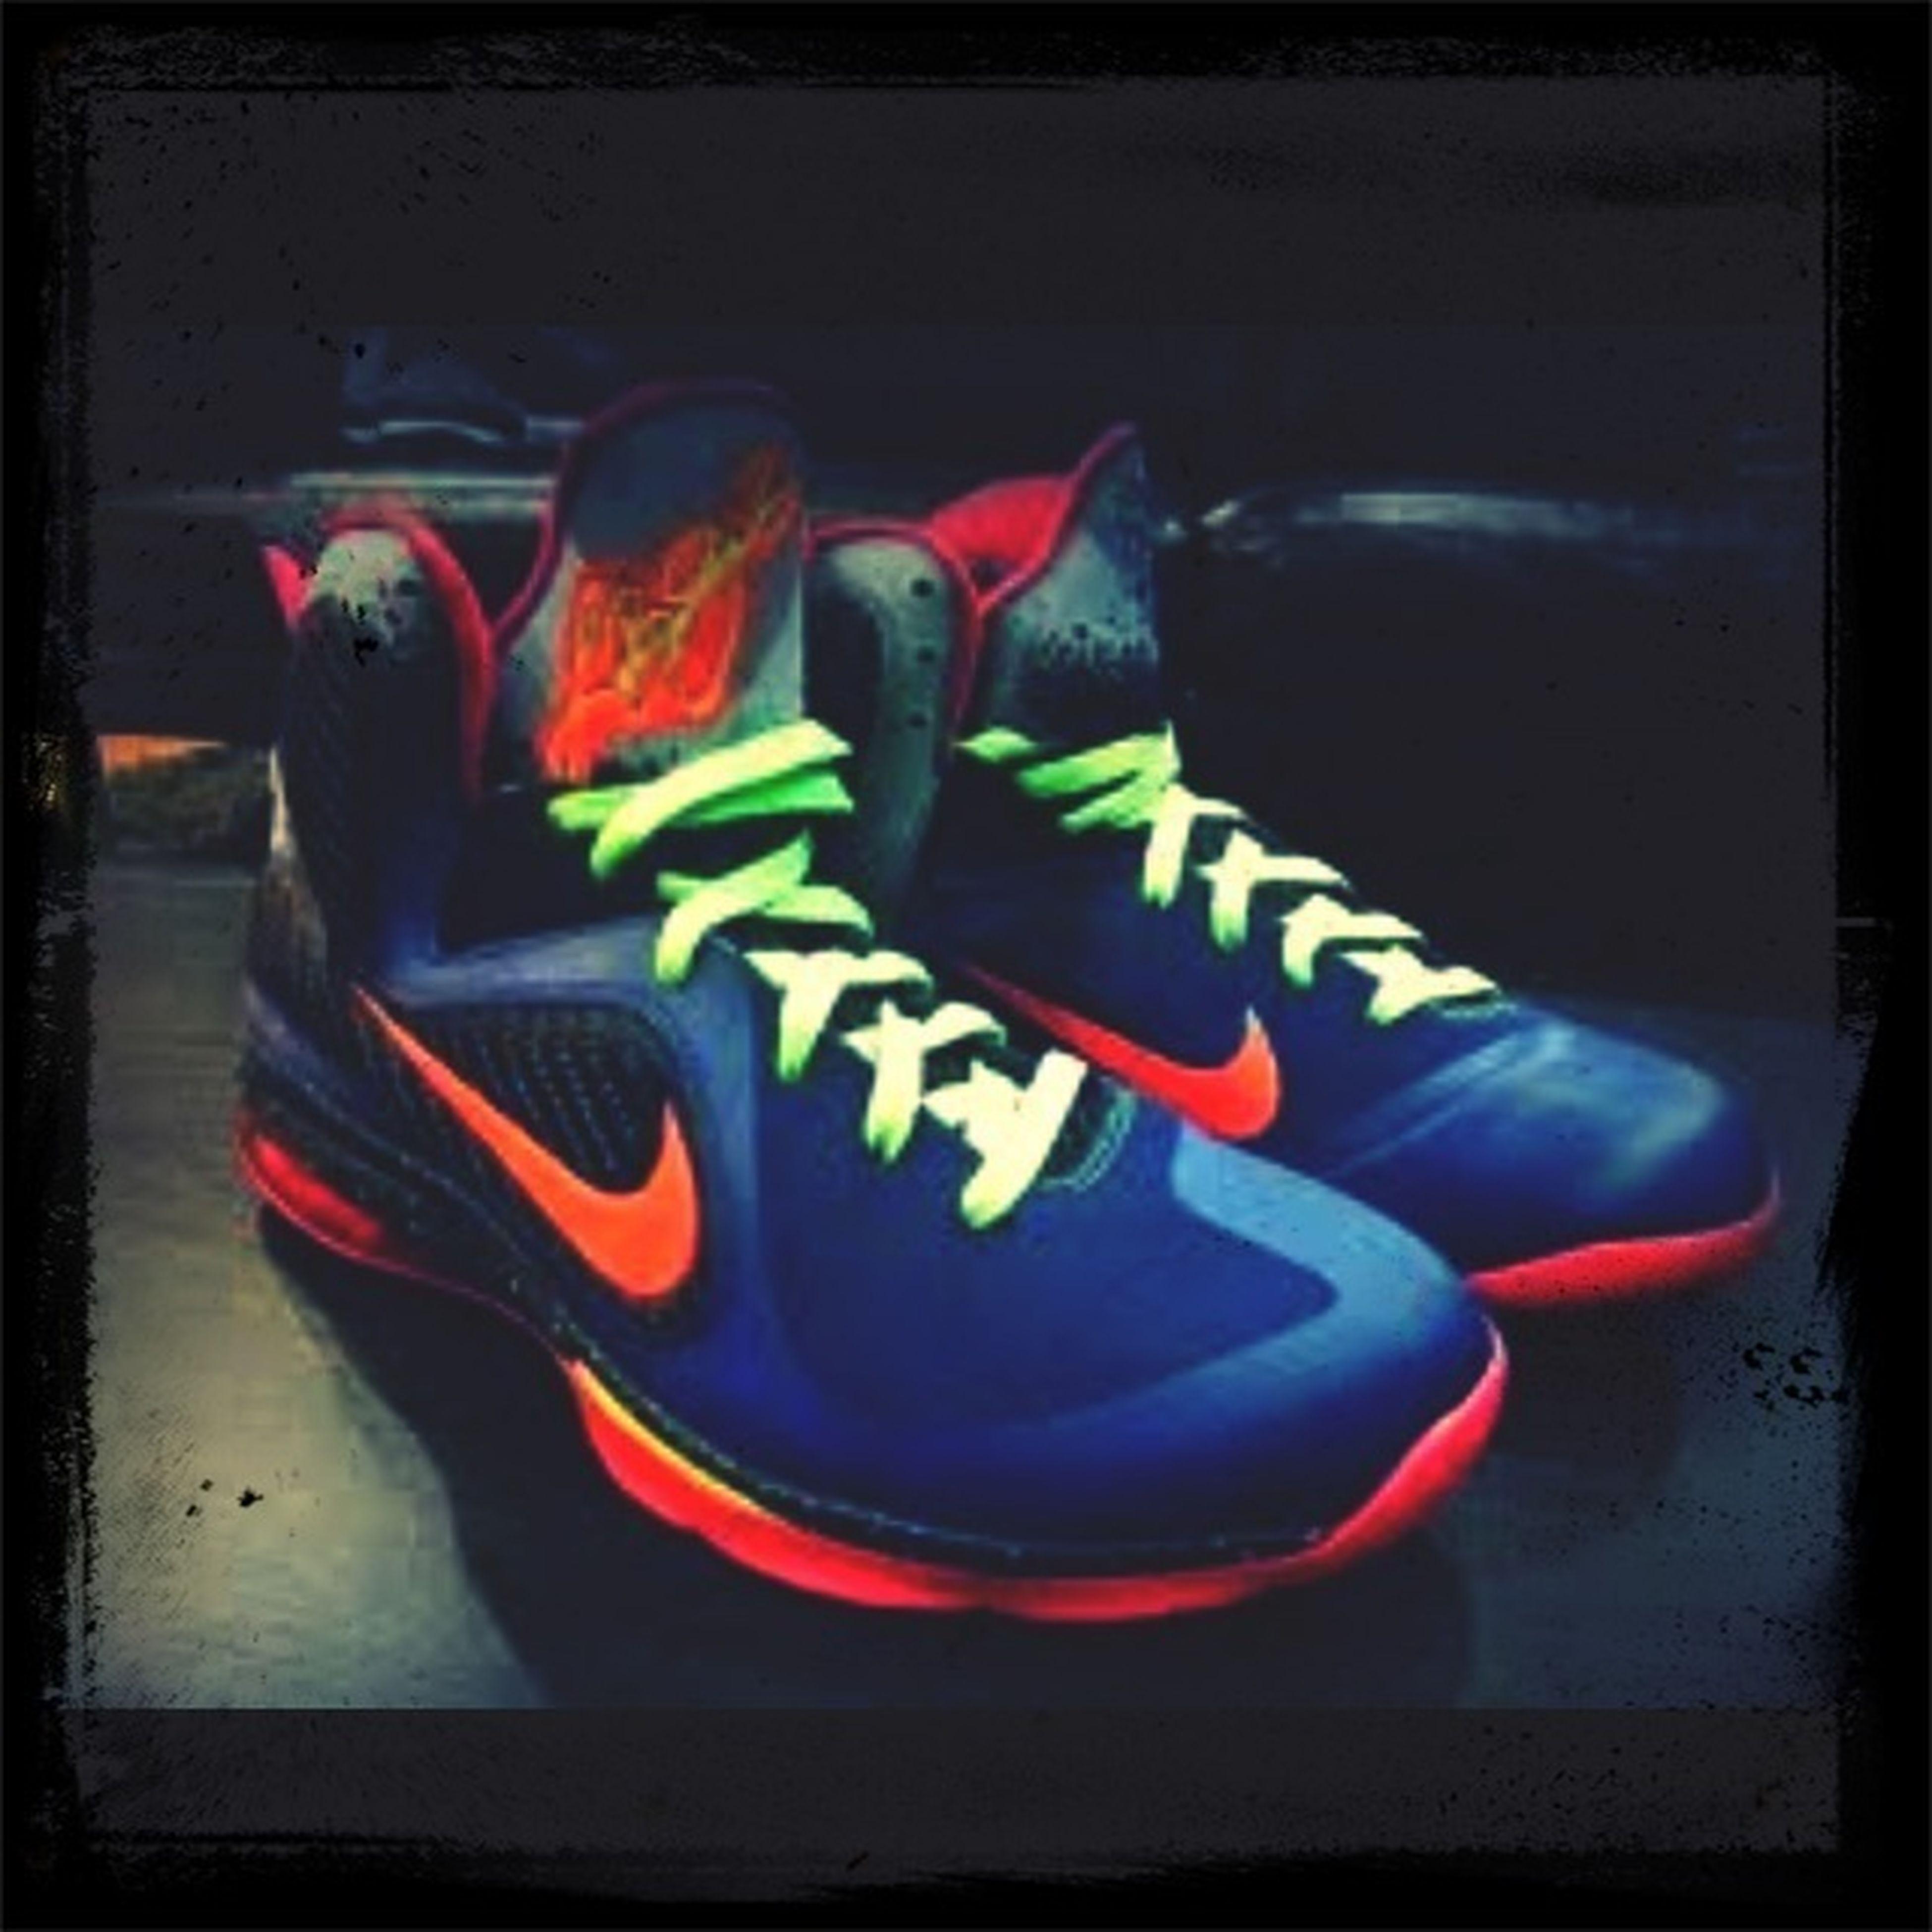 Sweet Knicks